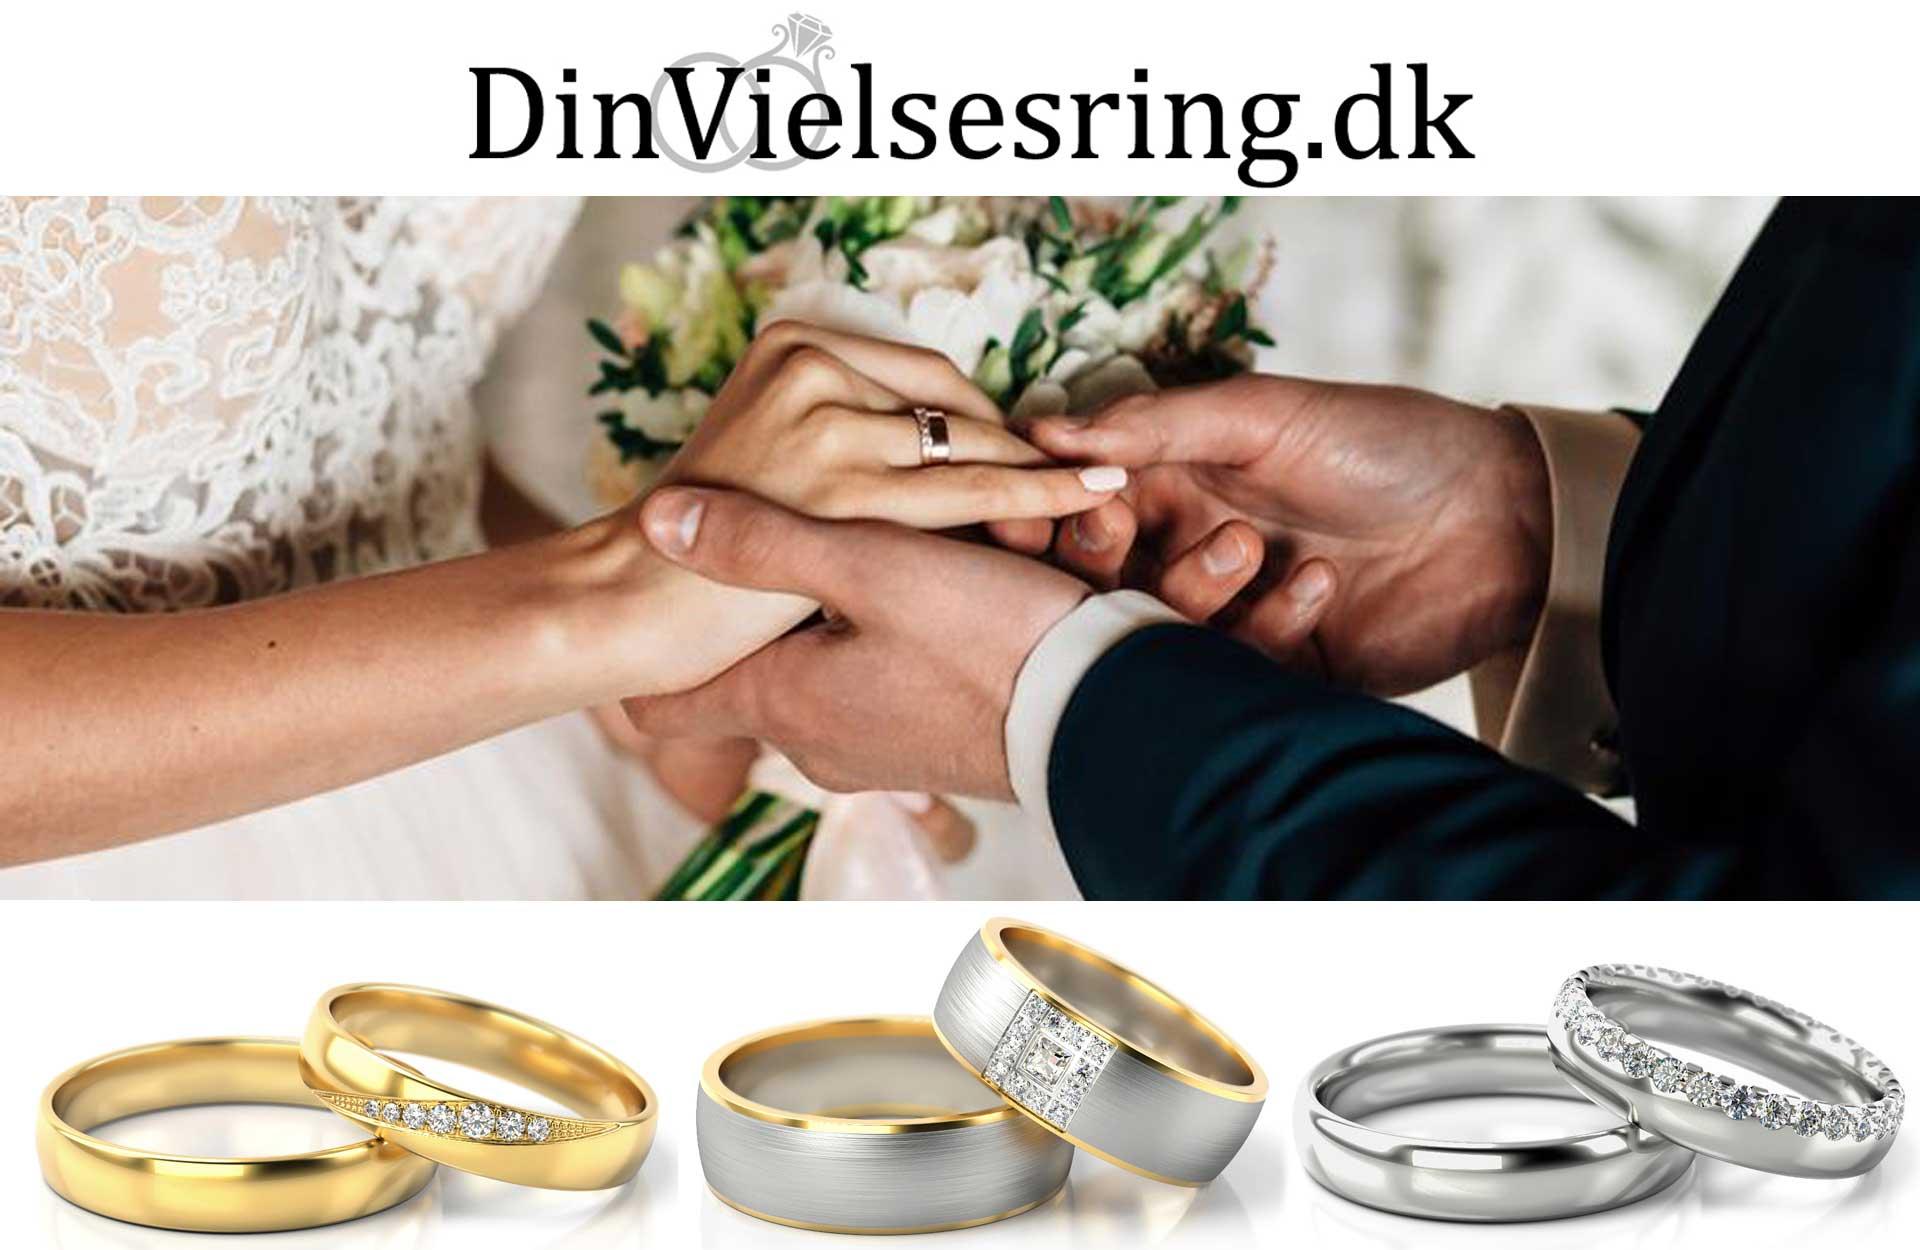 DinVielsesring.dk